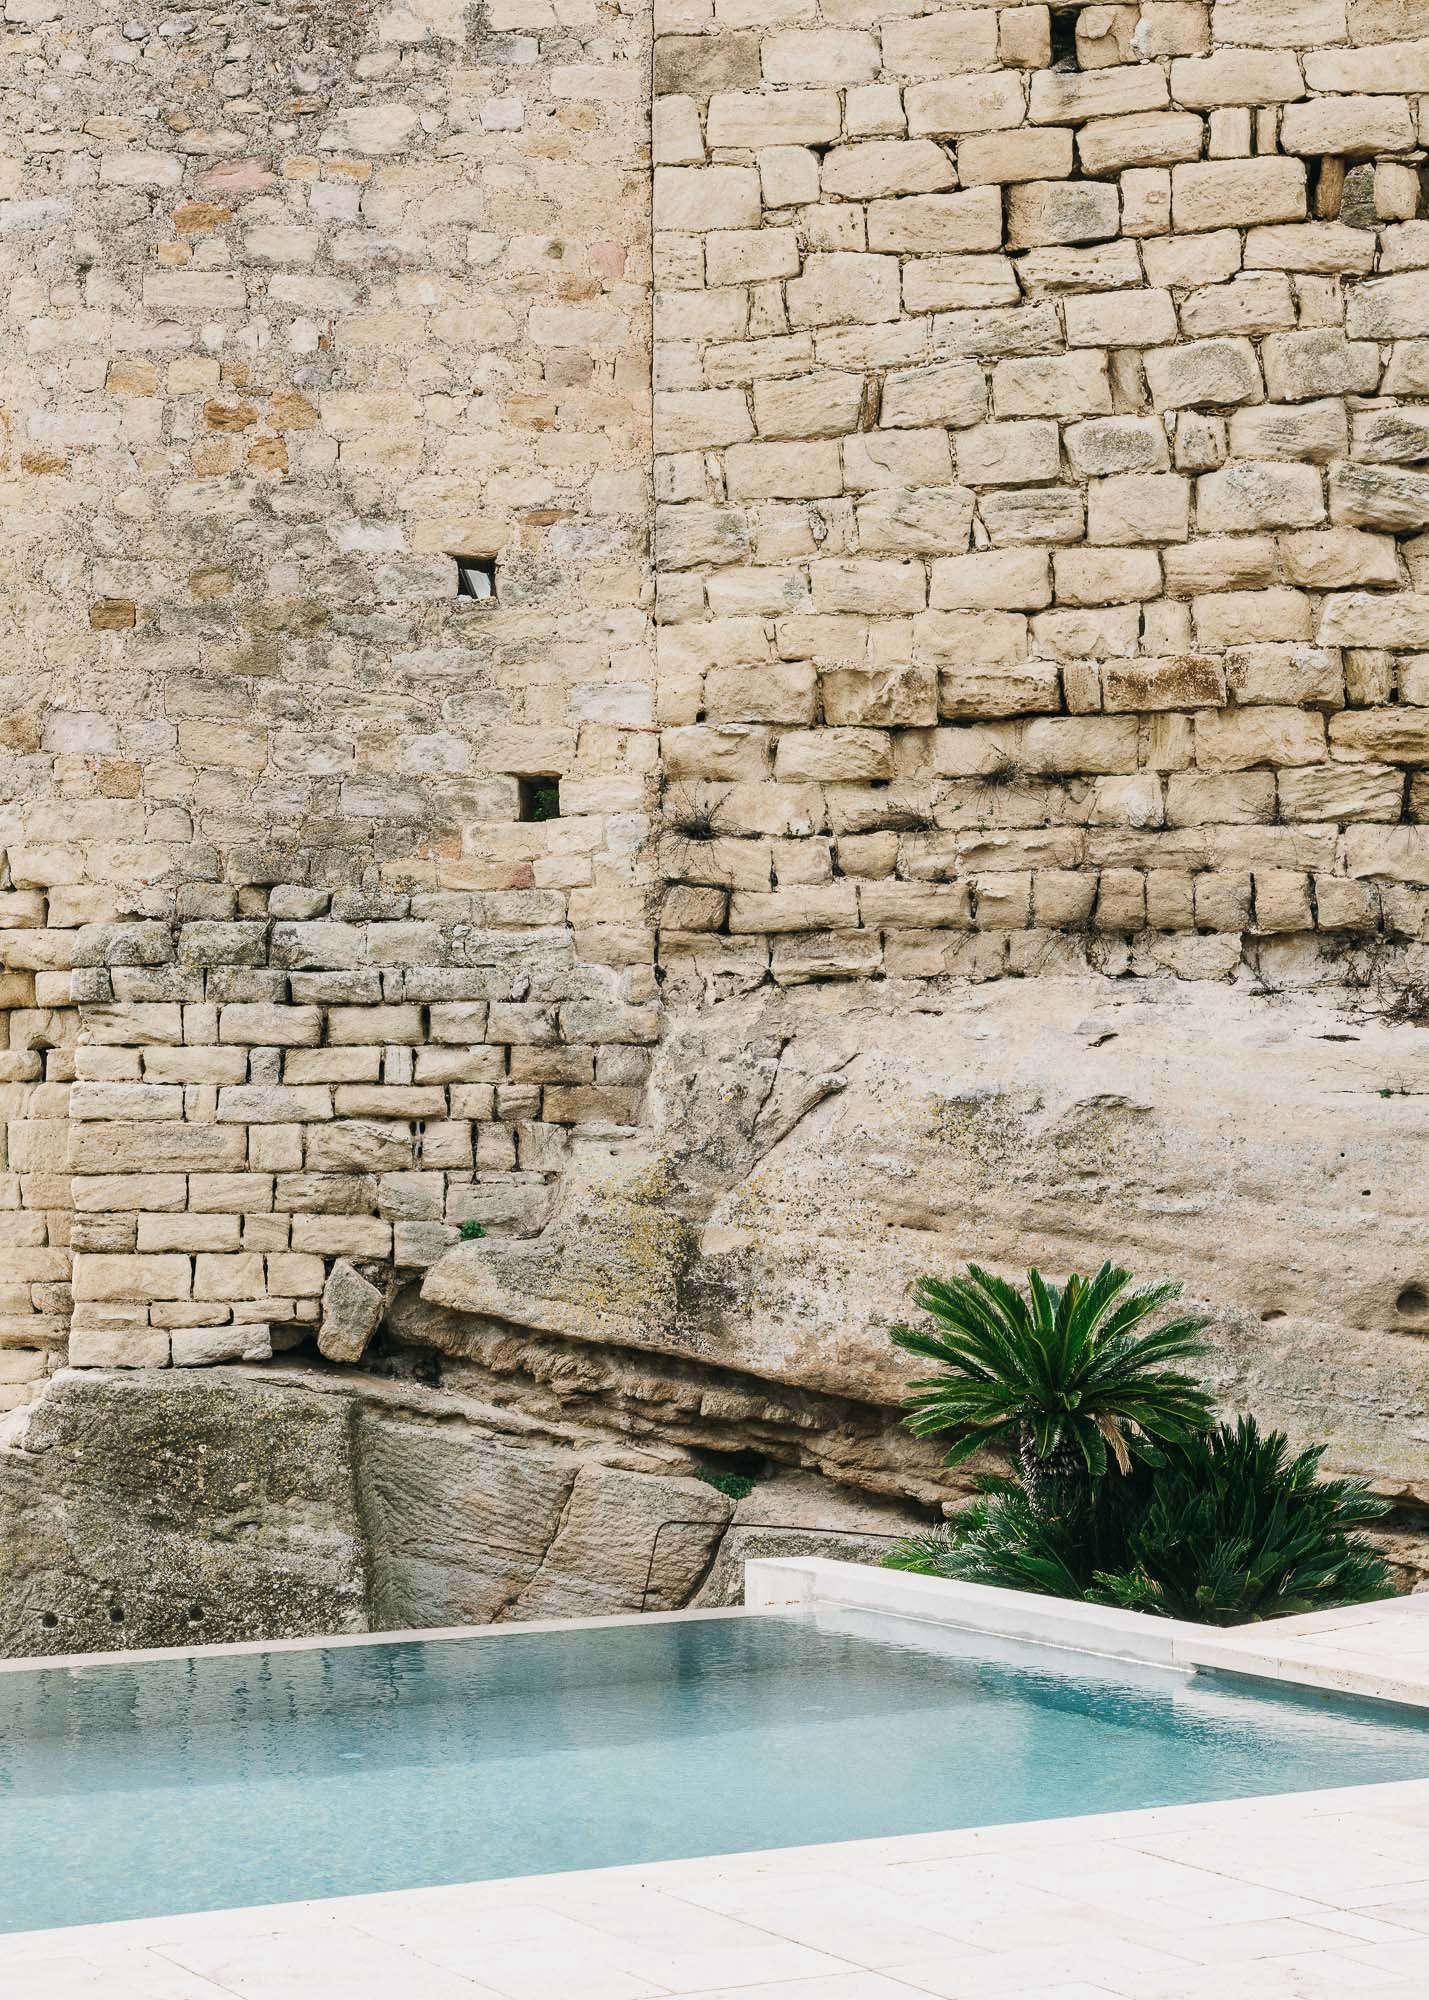 Castell-de-peratallada-pool-gardenista-3